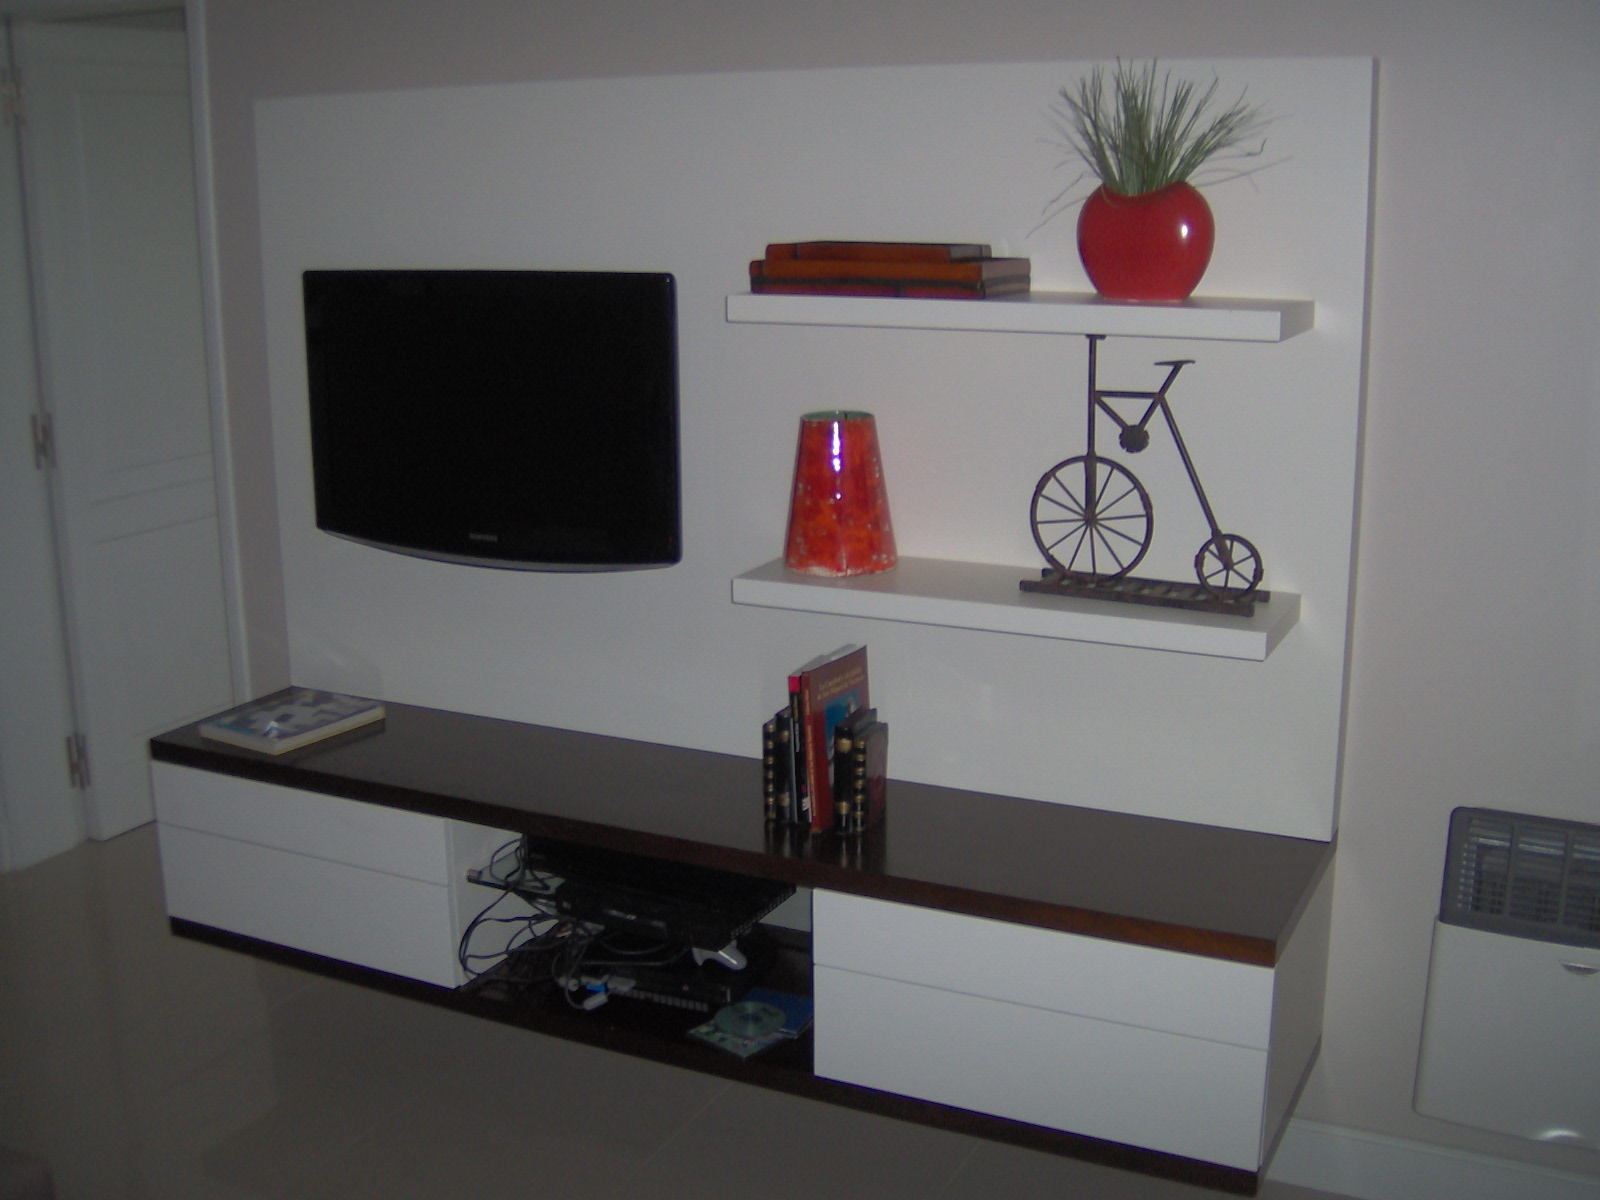 Muebles para televisores pantalla plana great latest mesa - Muebles para televisiones planas ...